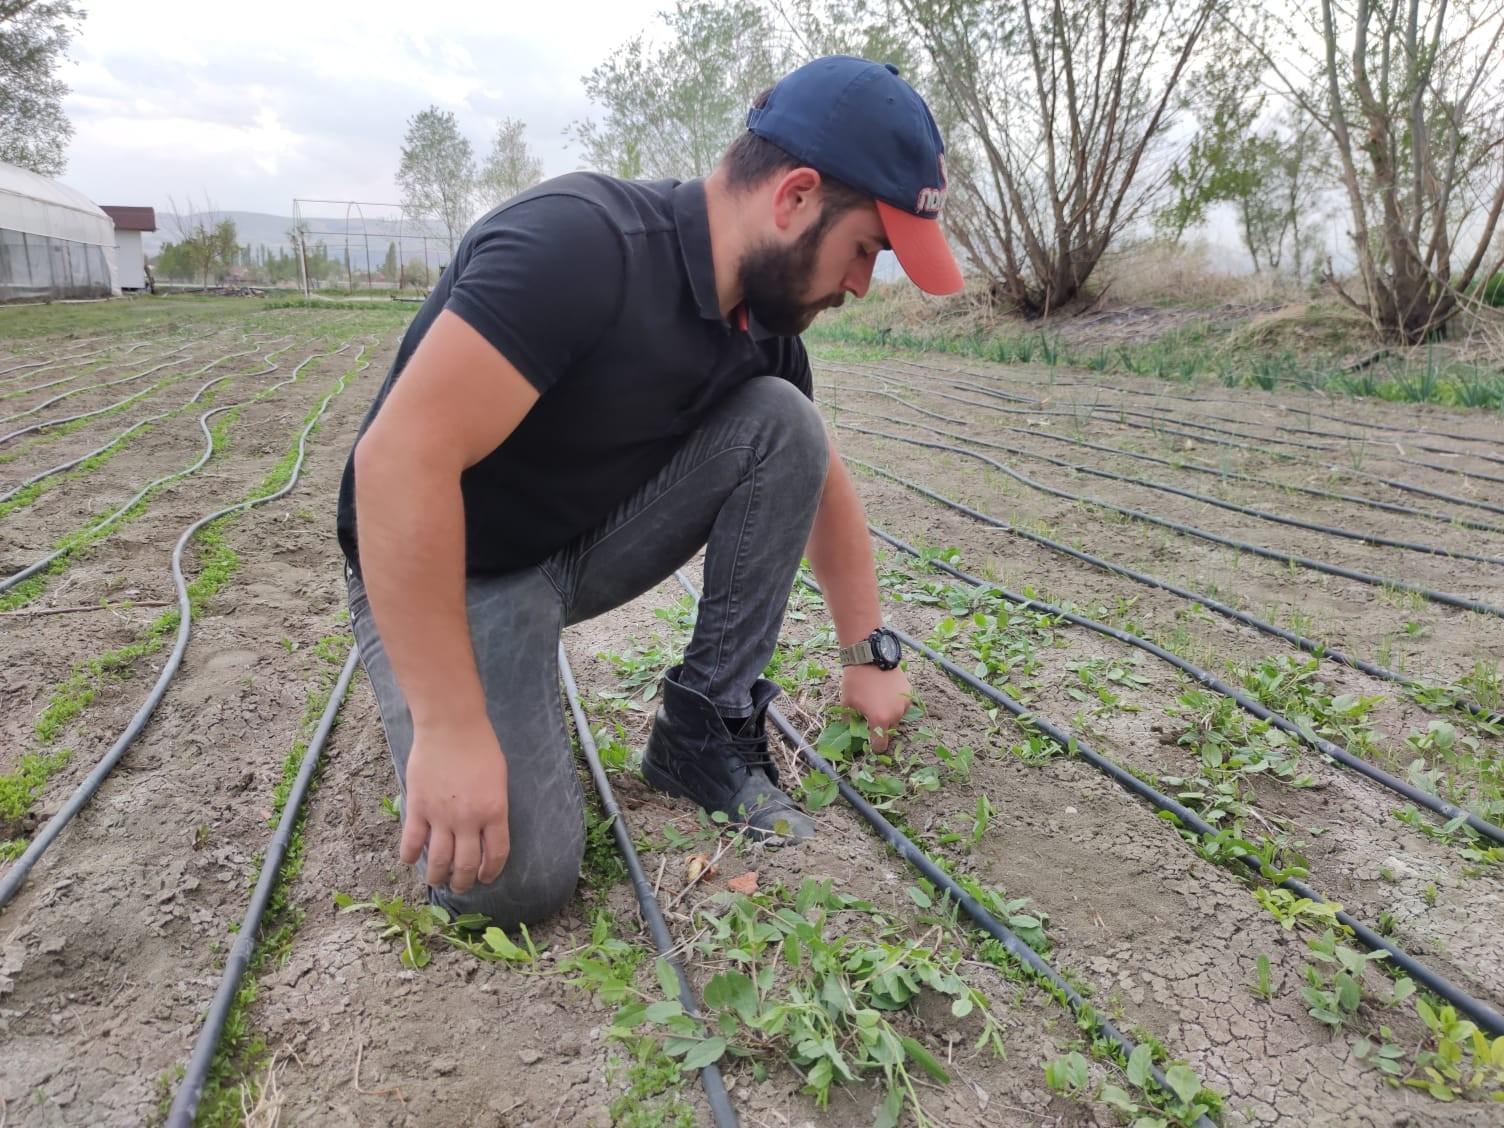 Amasyalı genç çiftçinin seracılık merakı, hayatının dönüm noktası oldu